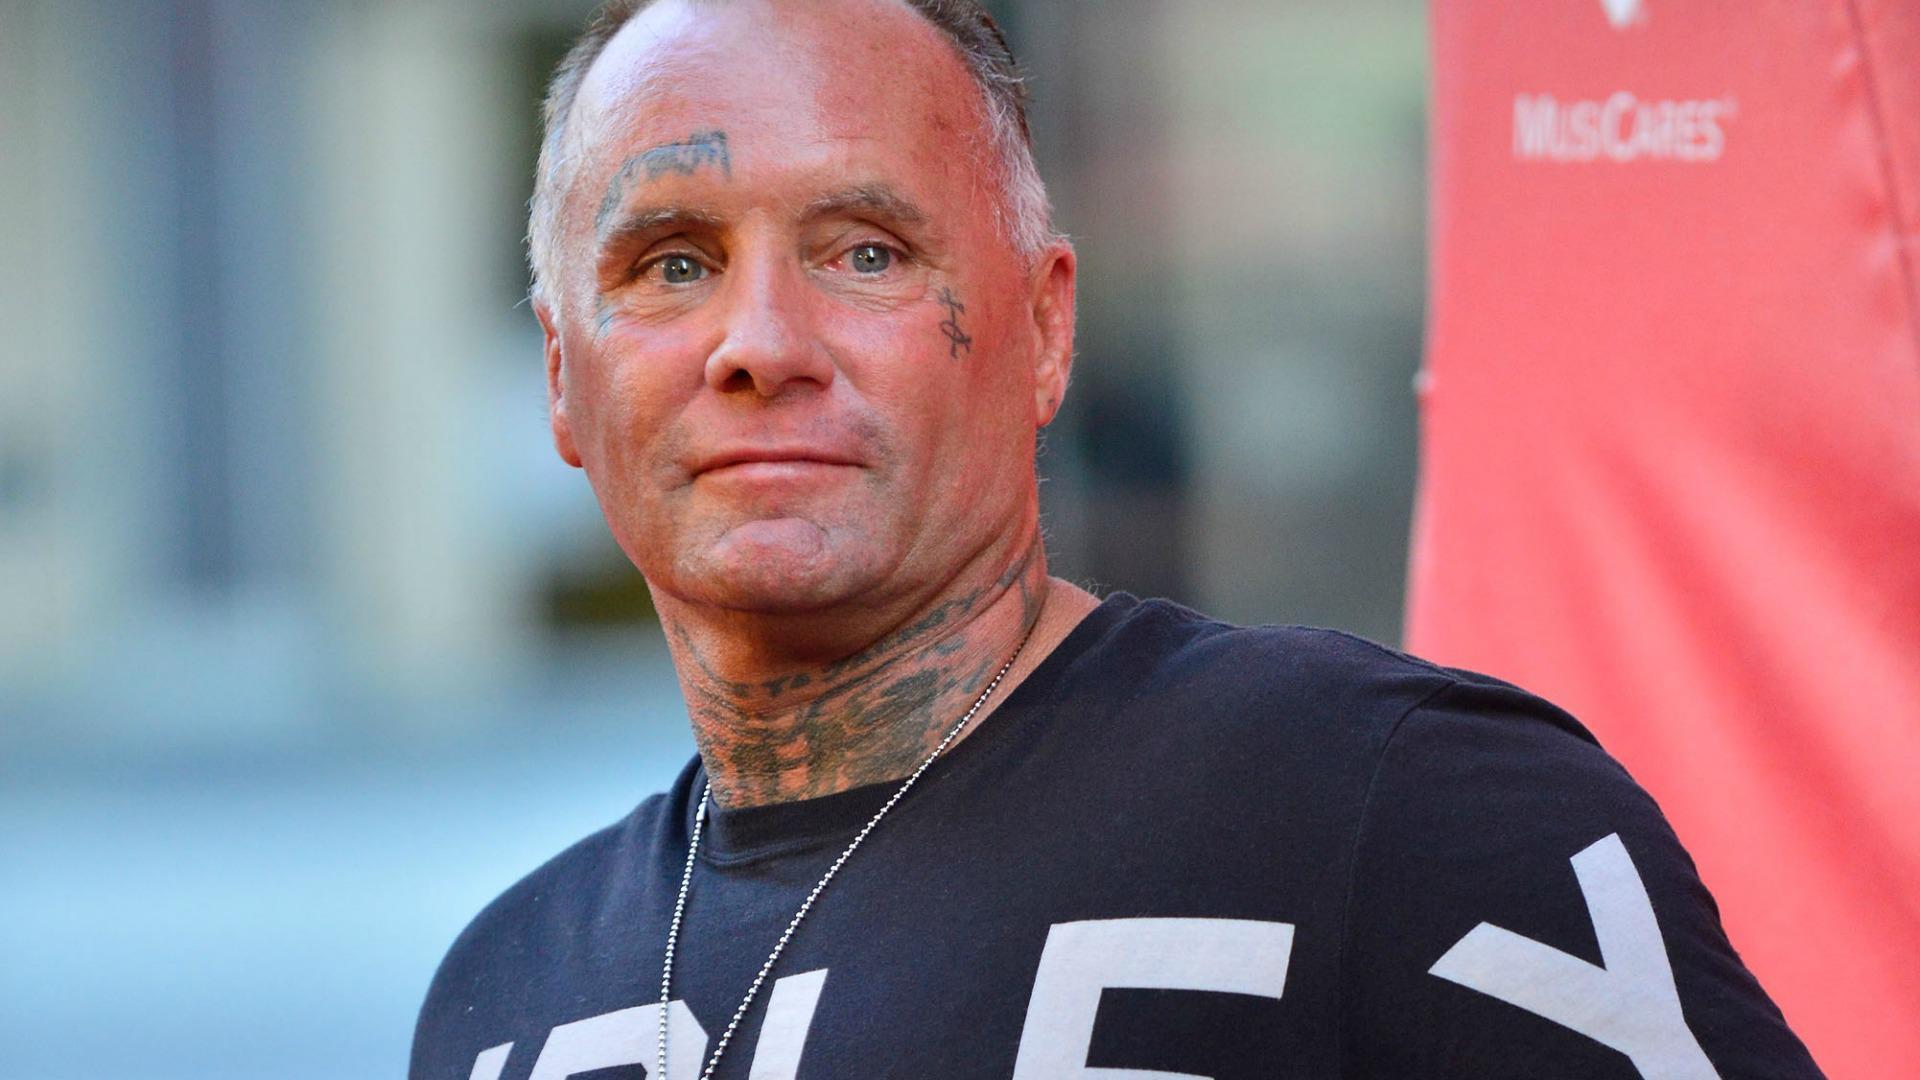 Skateboarder Jay Adams dead at 53